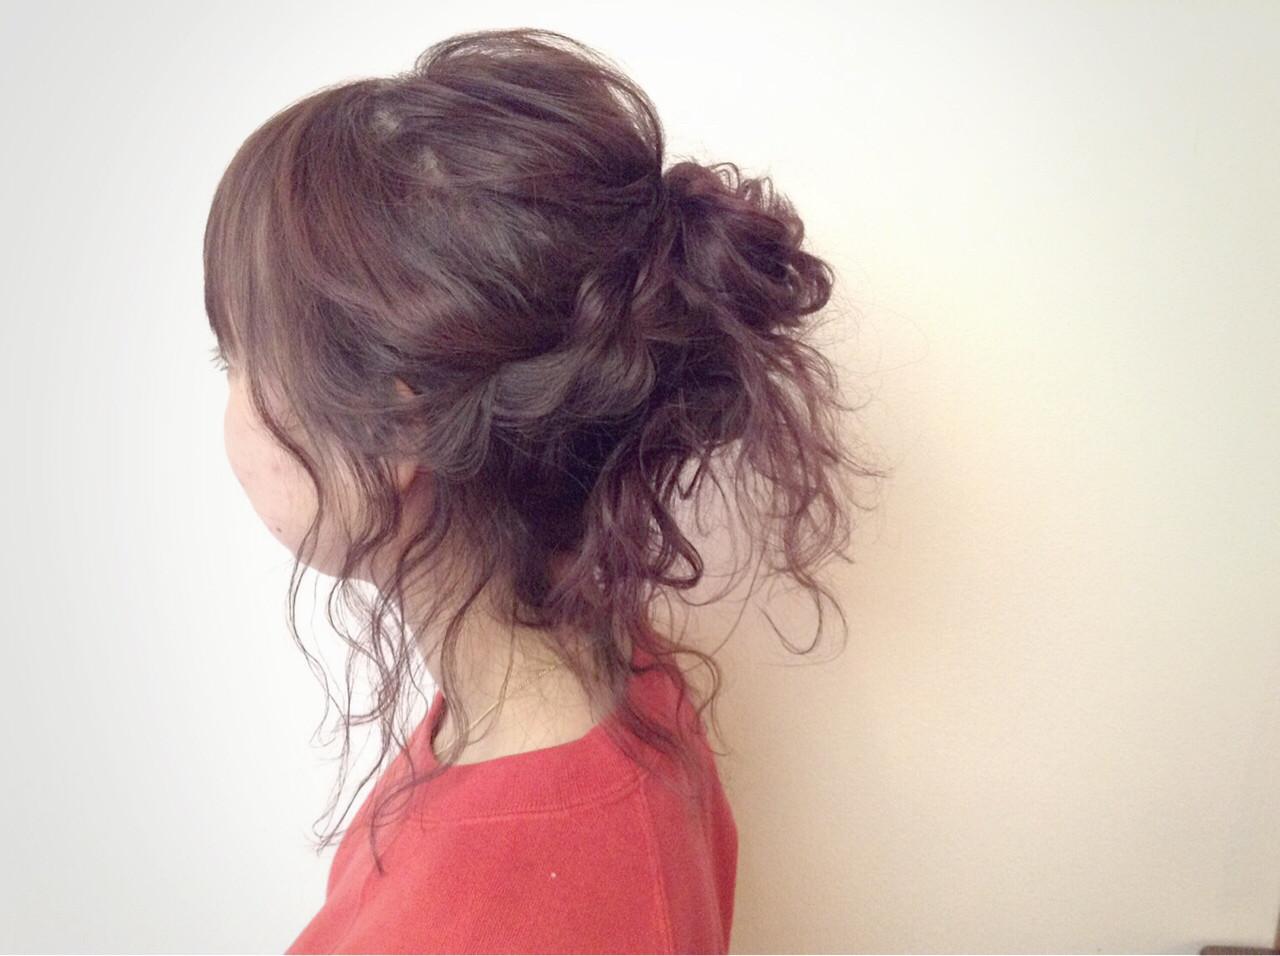 ヘアアレンジ ポニーテール フェミニン ラフ ヘアスタイルや髪型の写真・画像   山田大貴 / throb / throb by reve